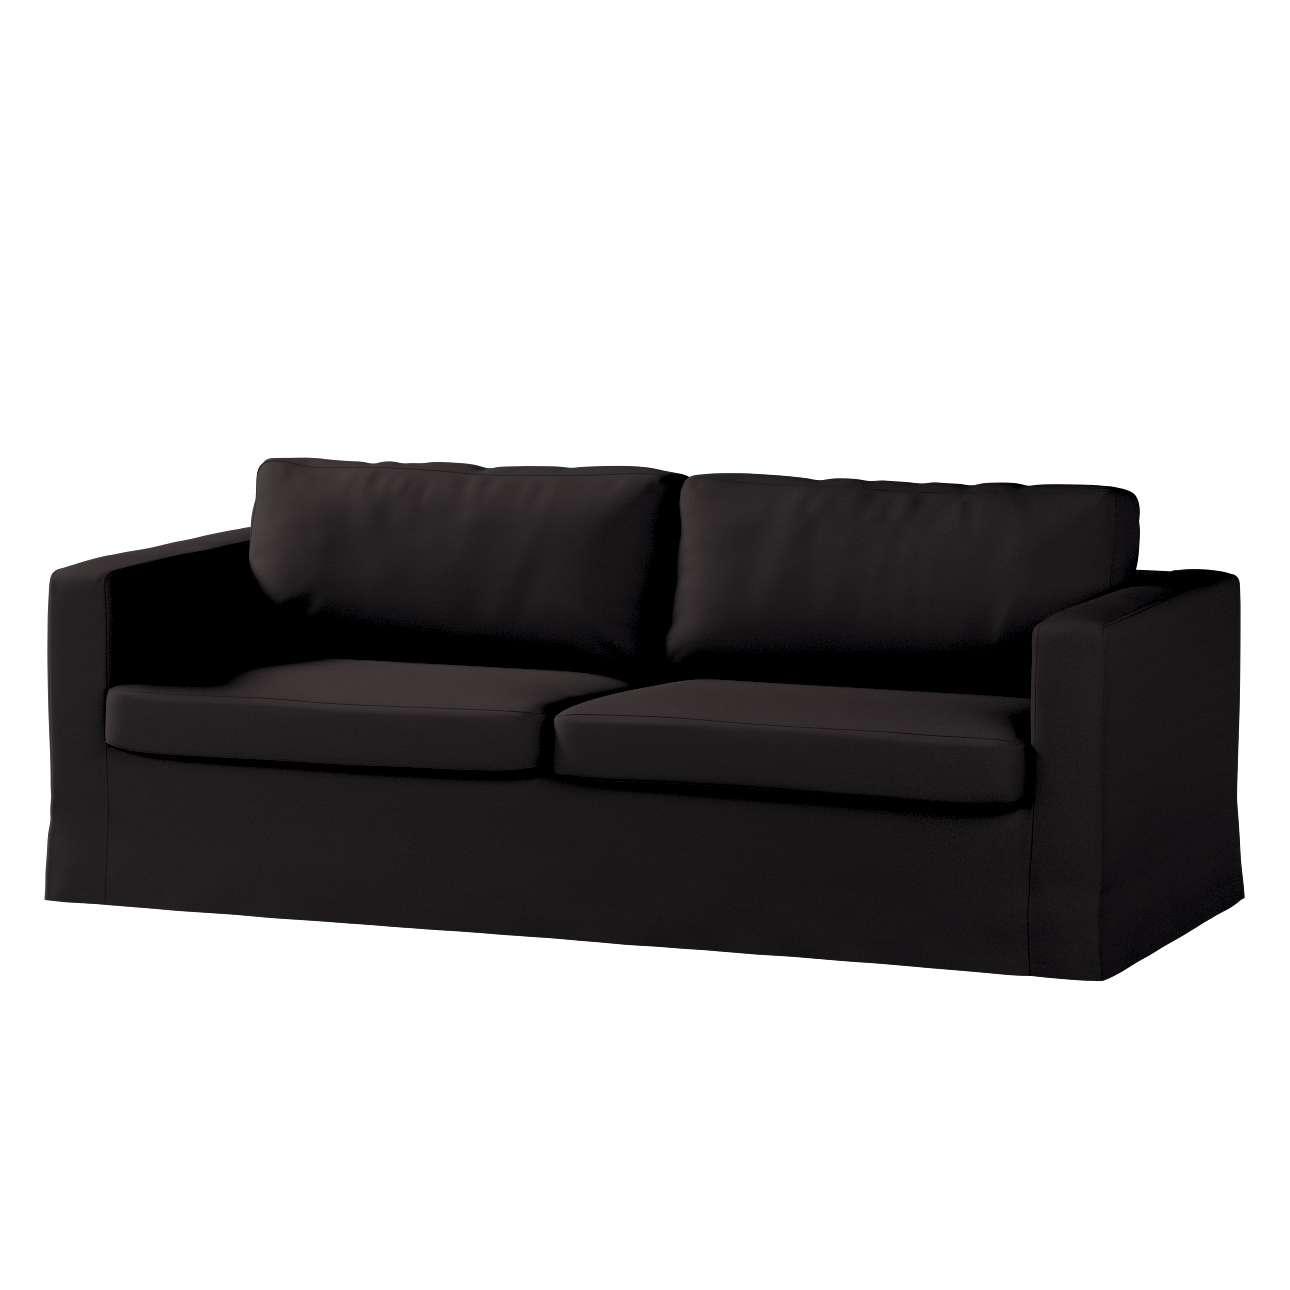 Poťah na sedačku Karlstad (nerozkladá sa, pre 3 osoby, dlhá) Poťah na sedačku Karlstad - pre 3 osoby, nerozkladá sa, dlhá V kolekcii Cotton Panama, tkanina: 702-09